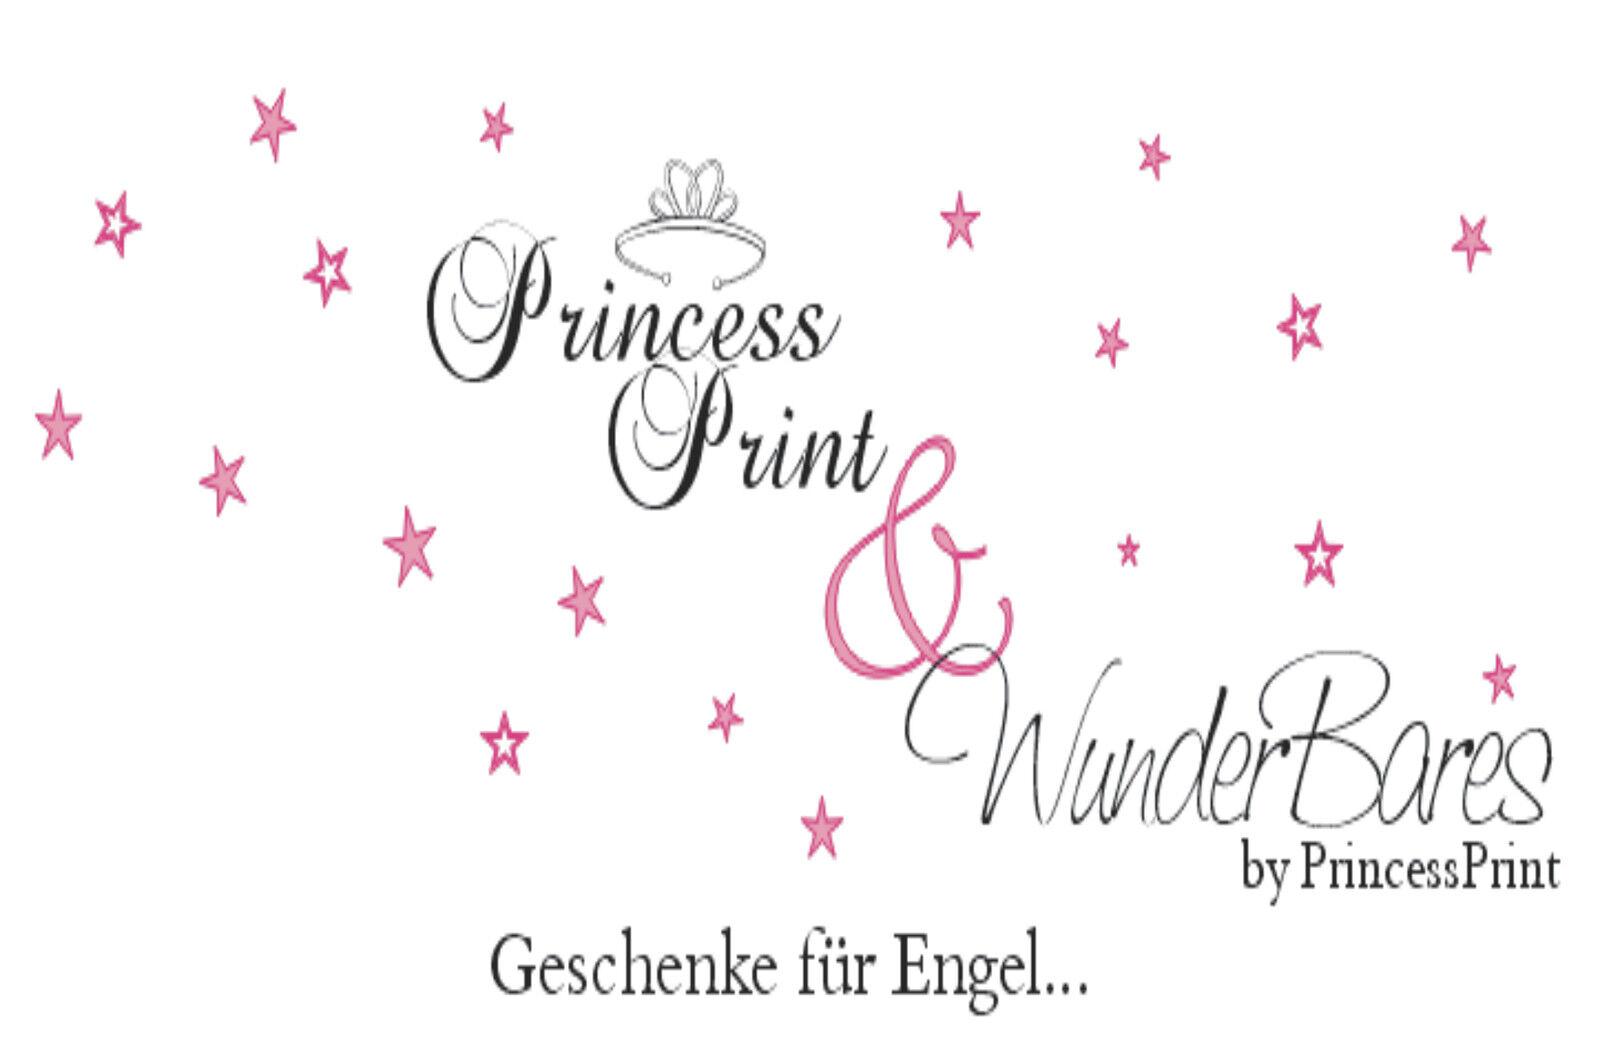 PrincessPrint